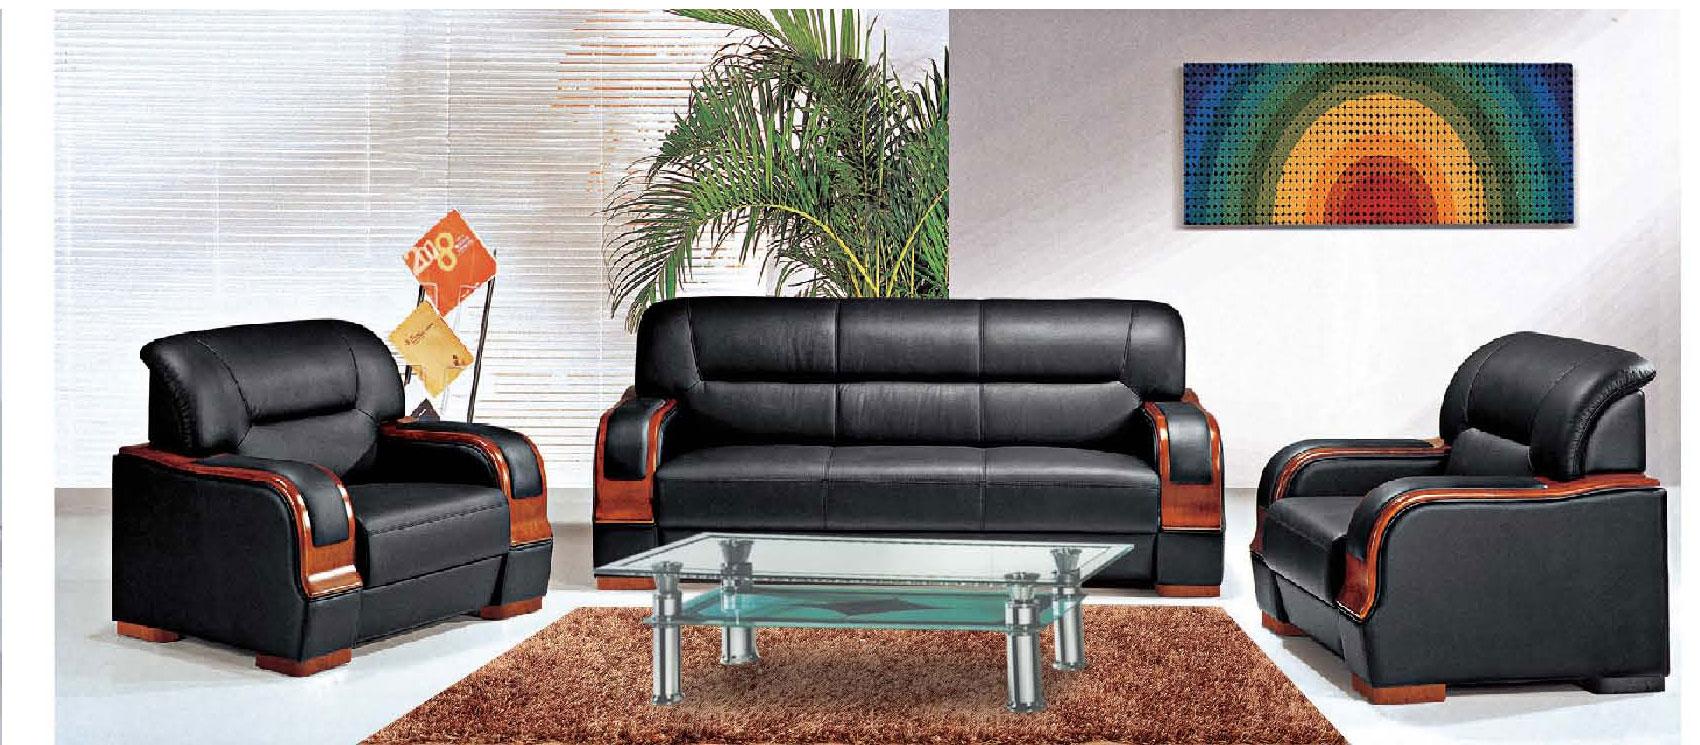 佛山沙发 沙发厂家 佛山沙发厂家 沙发定制 佛山沙发定制 沙发价格 沙发哪个牌子好 佛山沙发款式 沙发报价 办公沙发